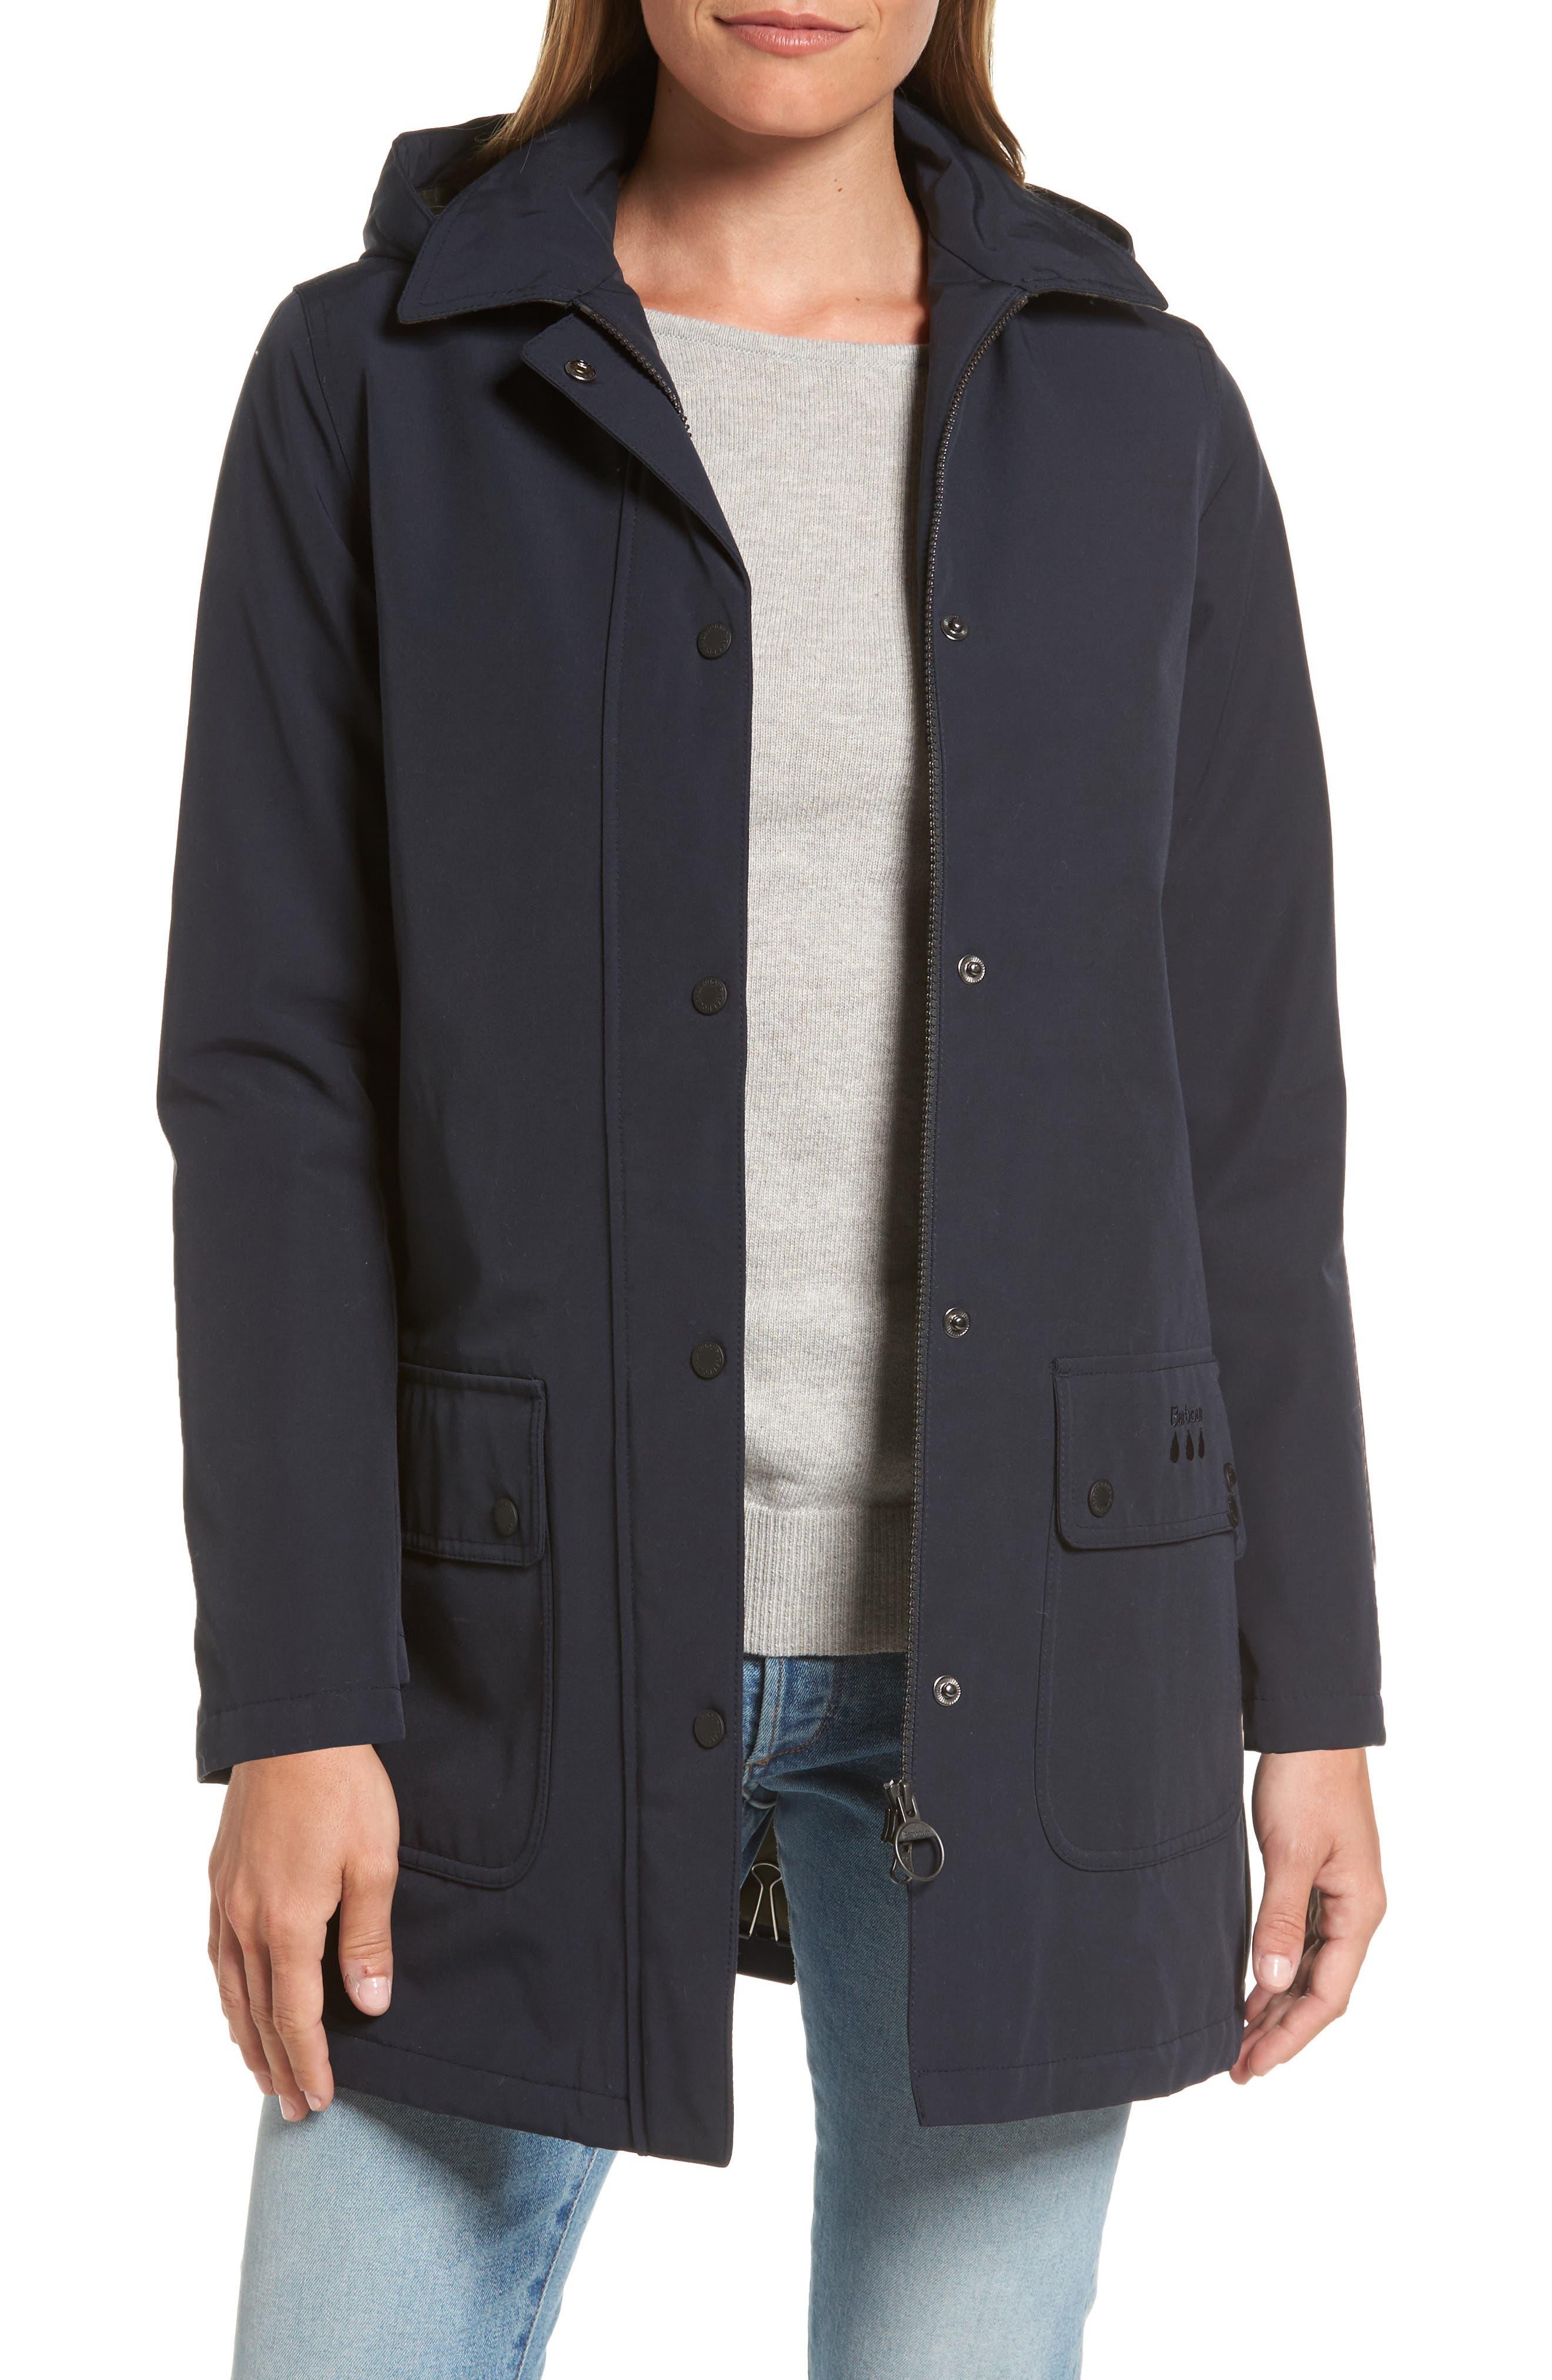 Main Image - Barbour Cirro Waterproof Hooded Jacket